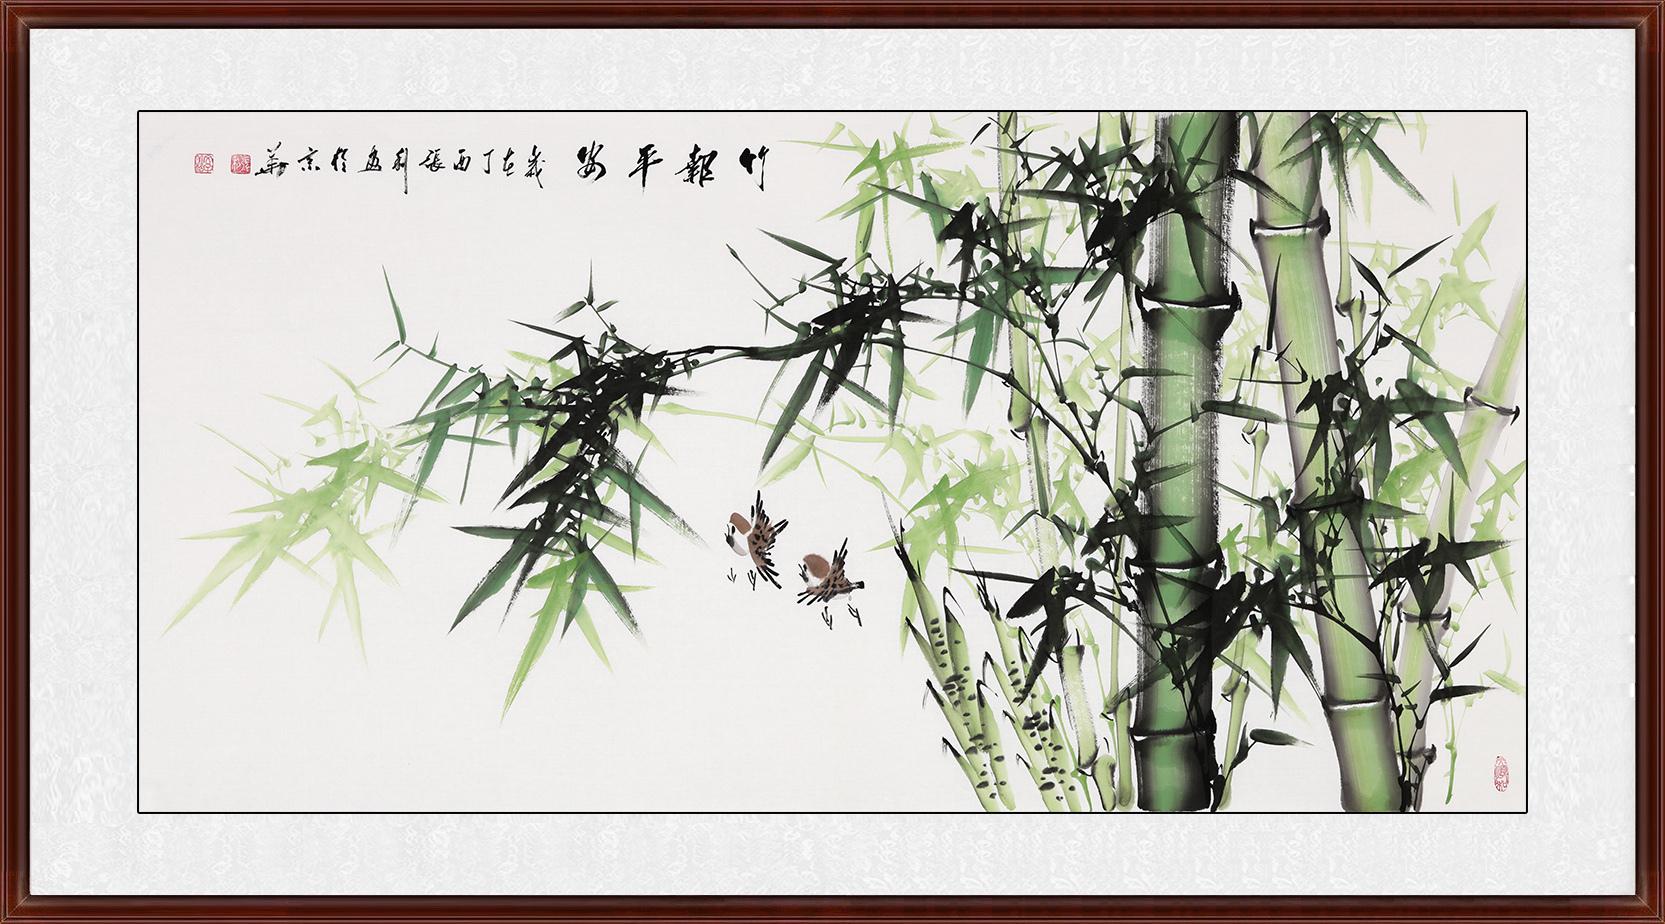 张利【新品】国画竹子图《竹报平安》作品出自:易从网